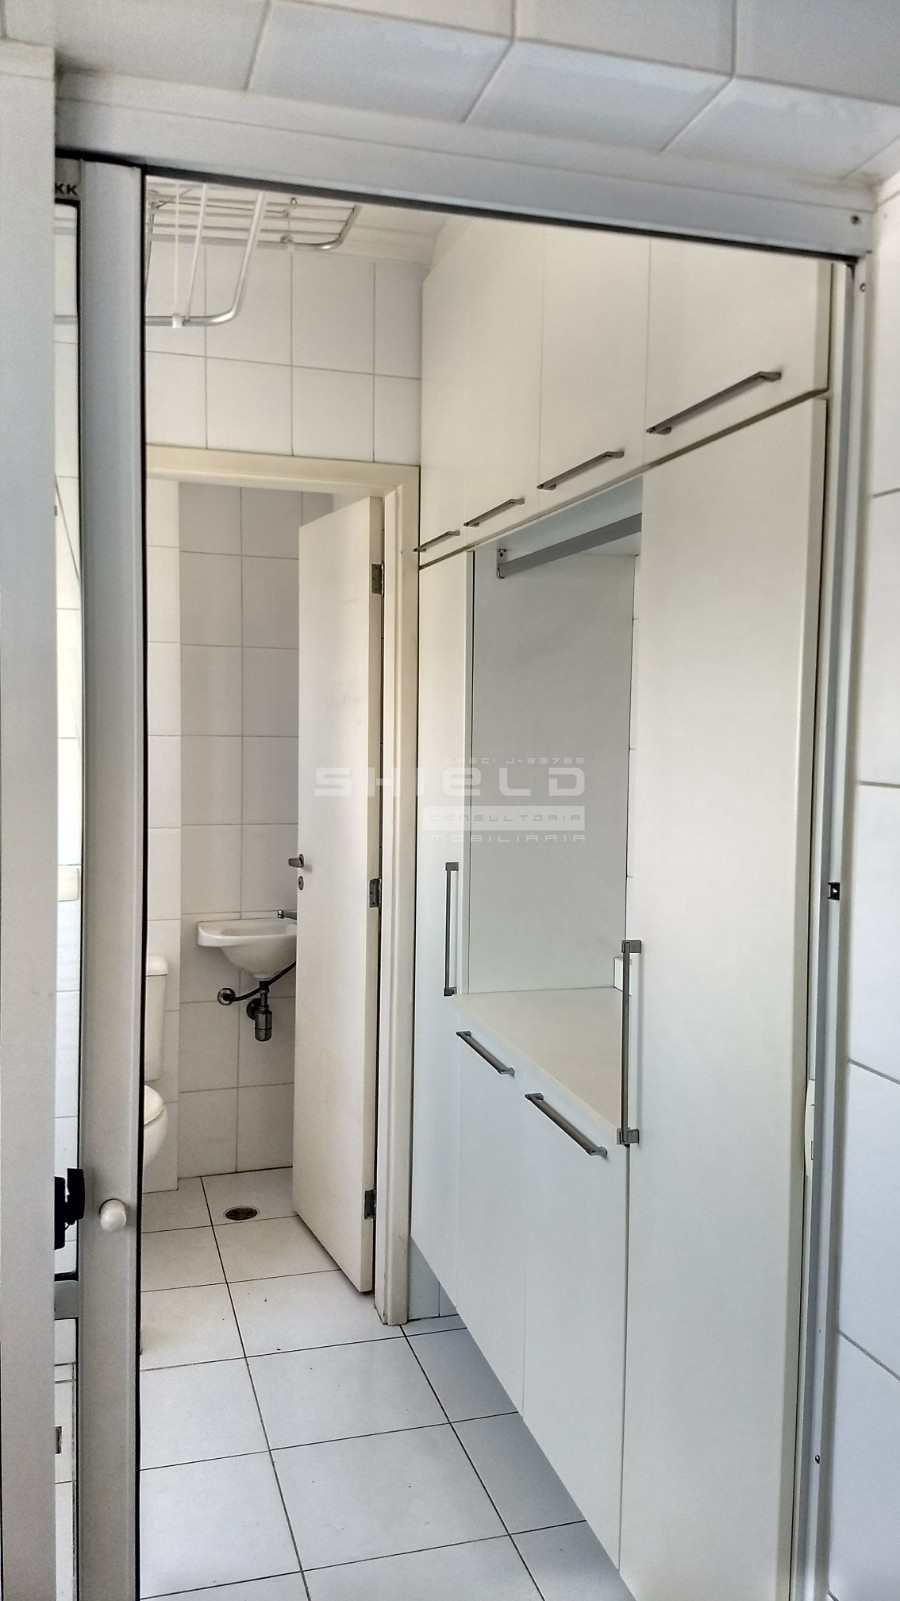 19 - Lavanderia-Banheiro Serviço